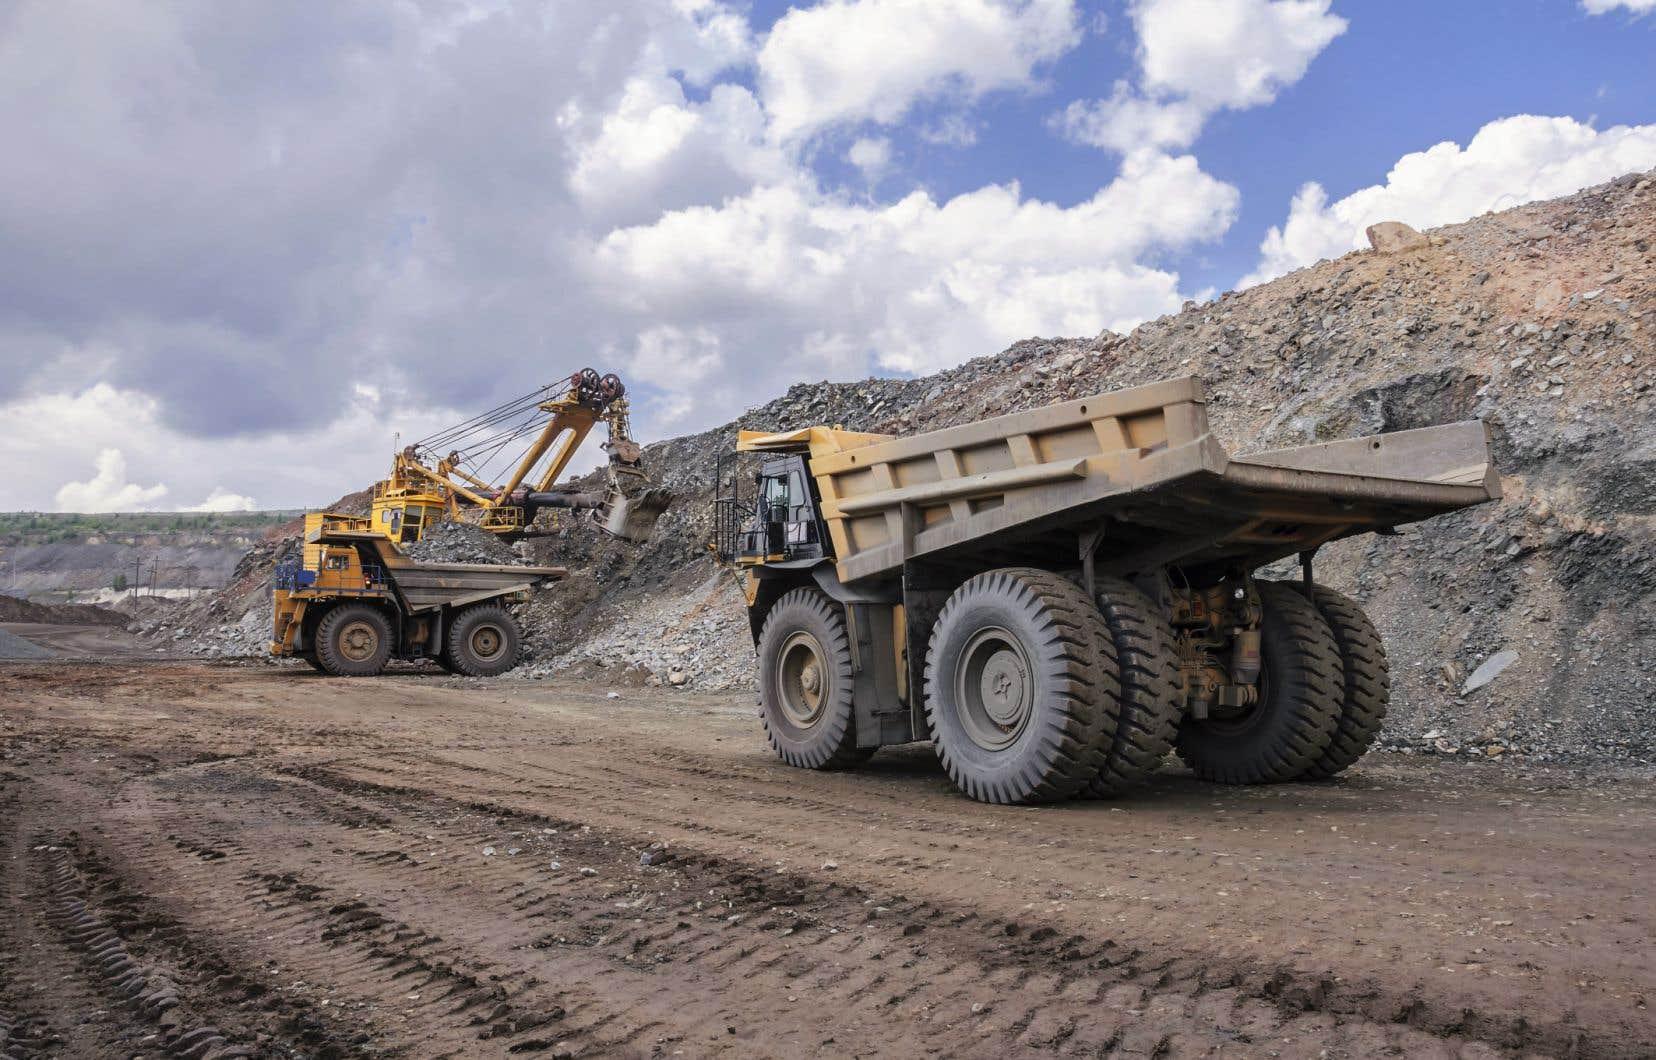 Plusieurs nouveaux magnats du secteur minier salivent devant les milliards en subventions qu'on agite sous leur nez, déplorent les auteurs.